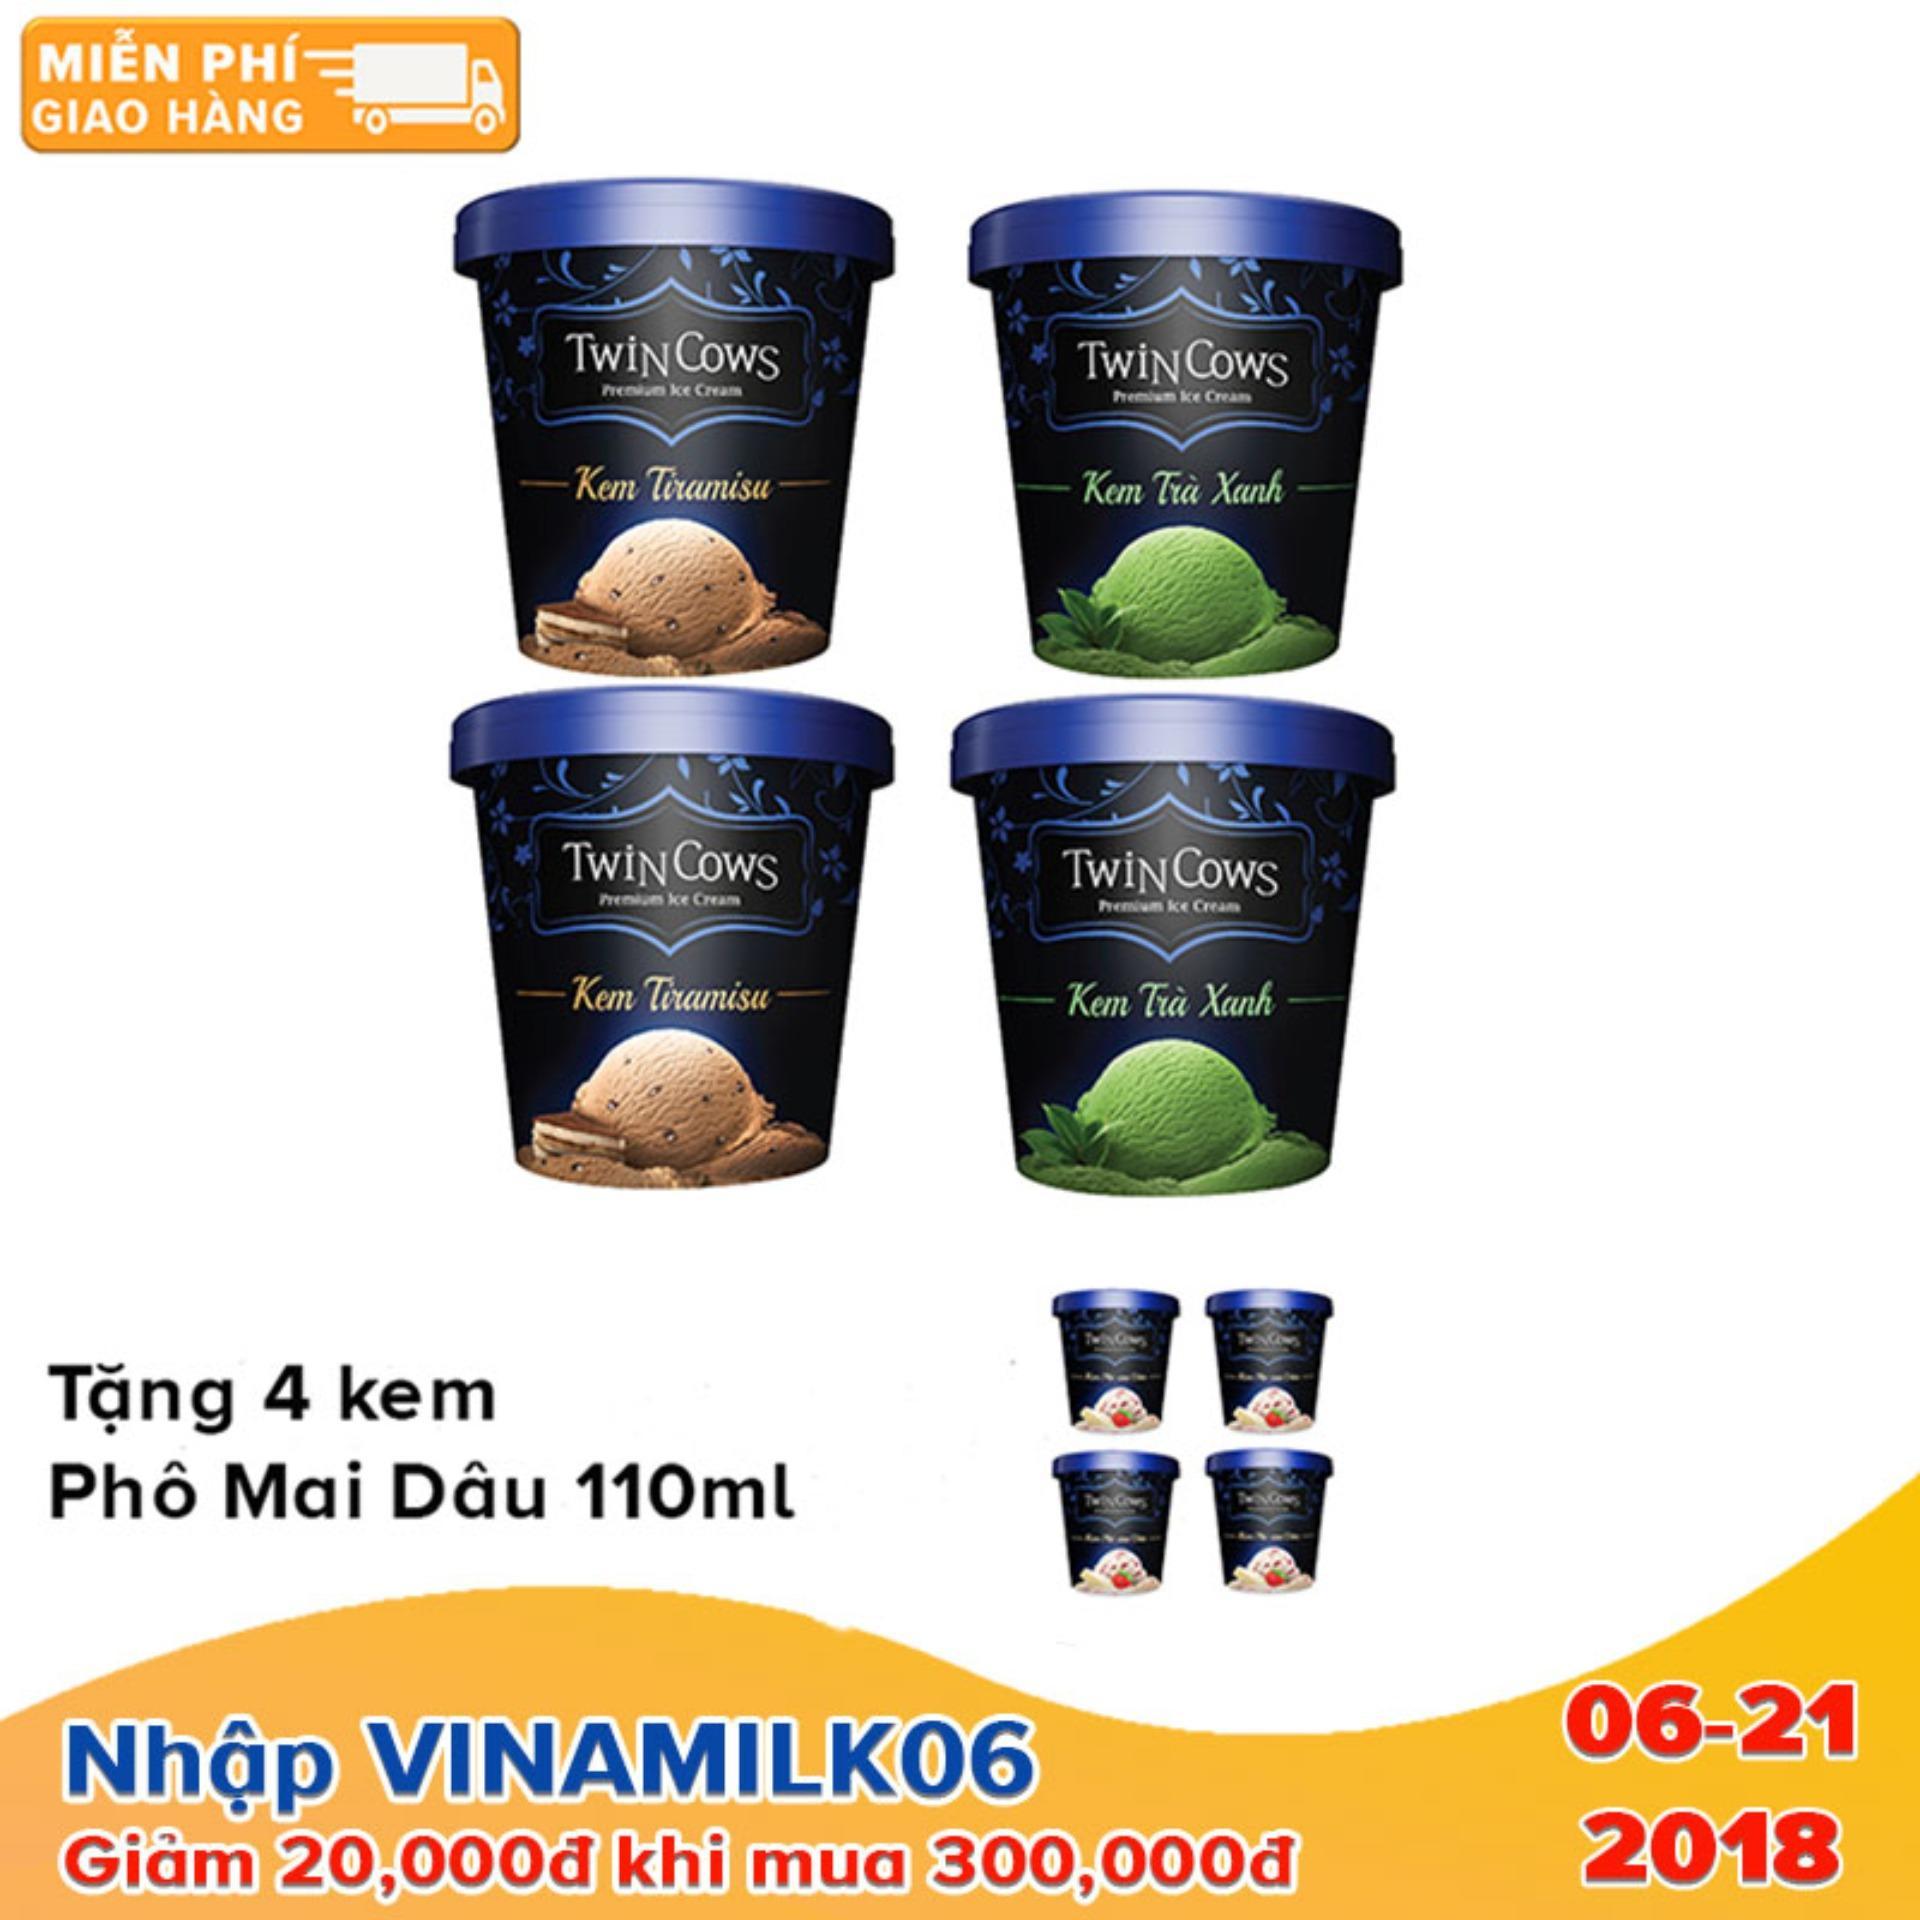 Bộ 4 hộp kem Twincows 450ml các vị Trà Xanh + Tiramisu - Tặng 4 hộp kem Twincows phô mai dâu ly 100ml